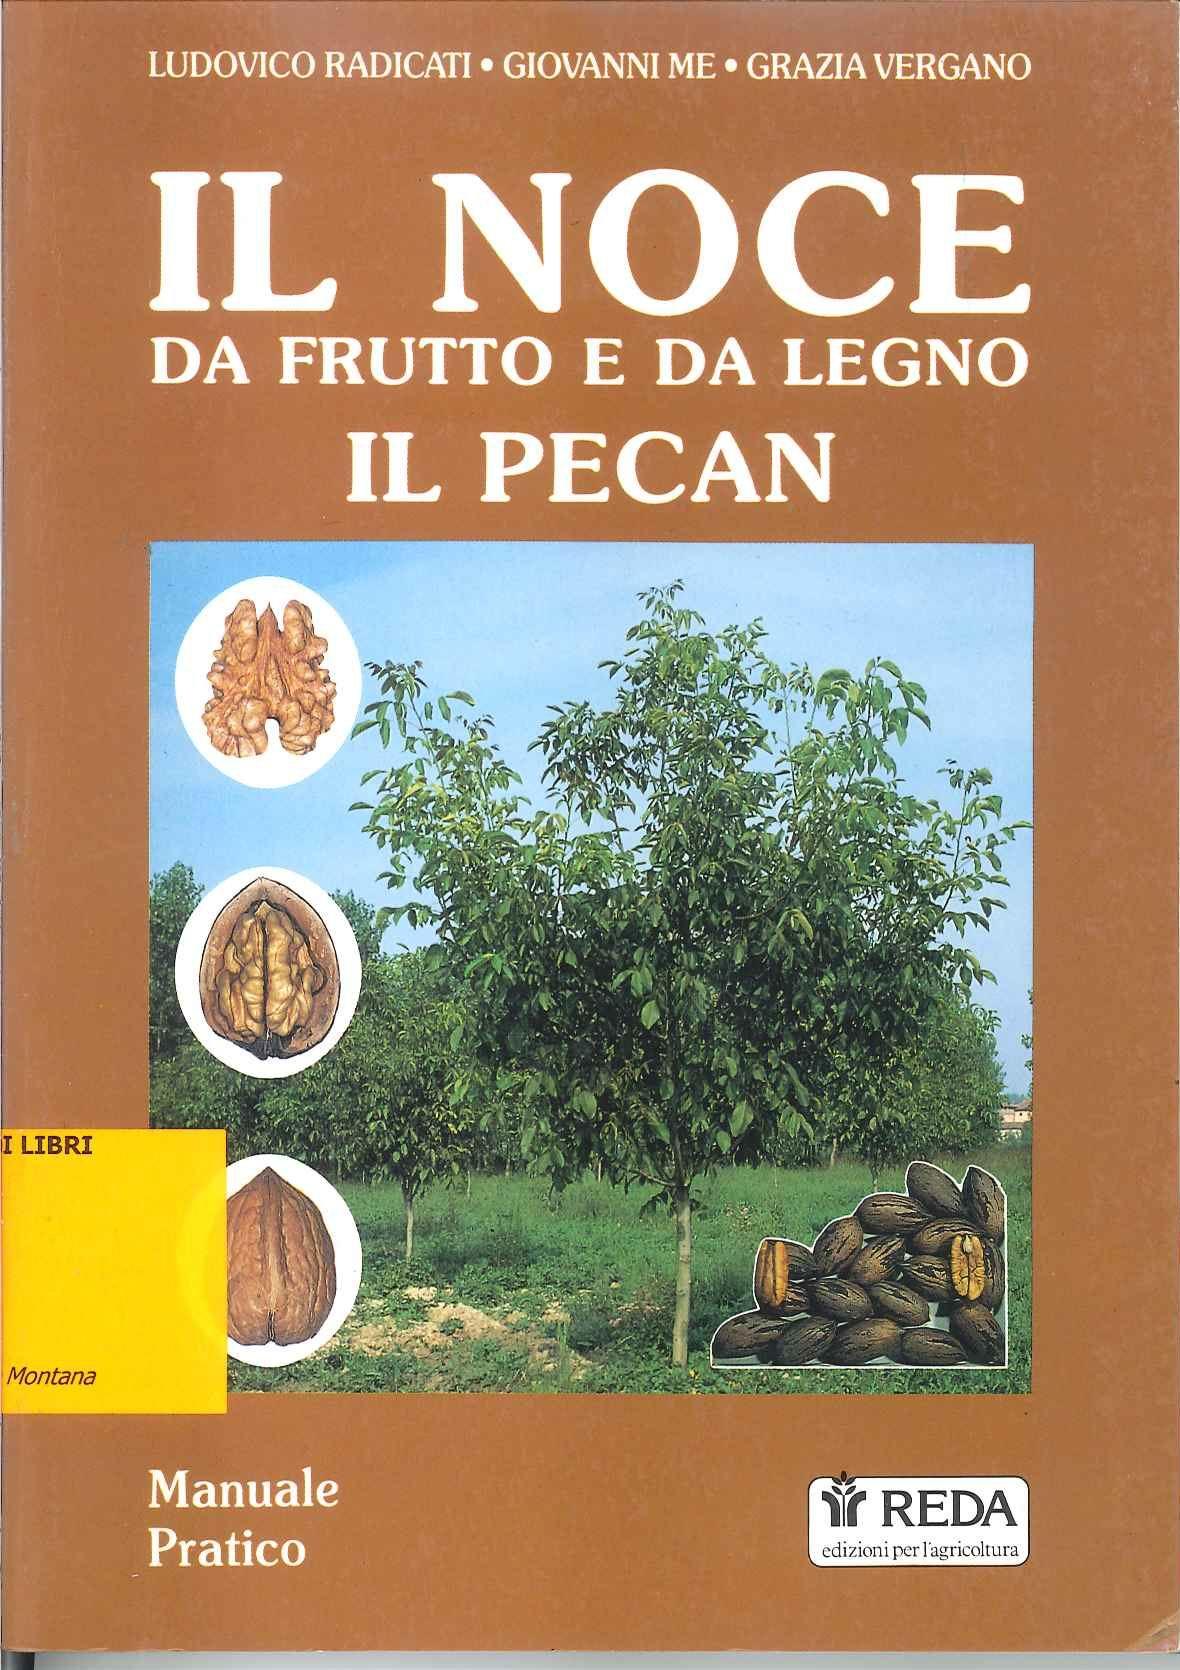 Il noce da frutto e da legno - Il pecan